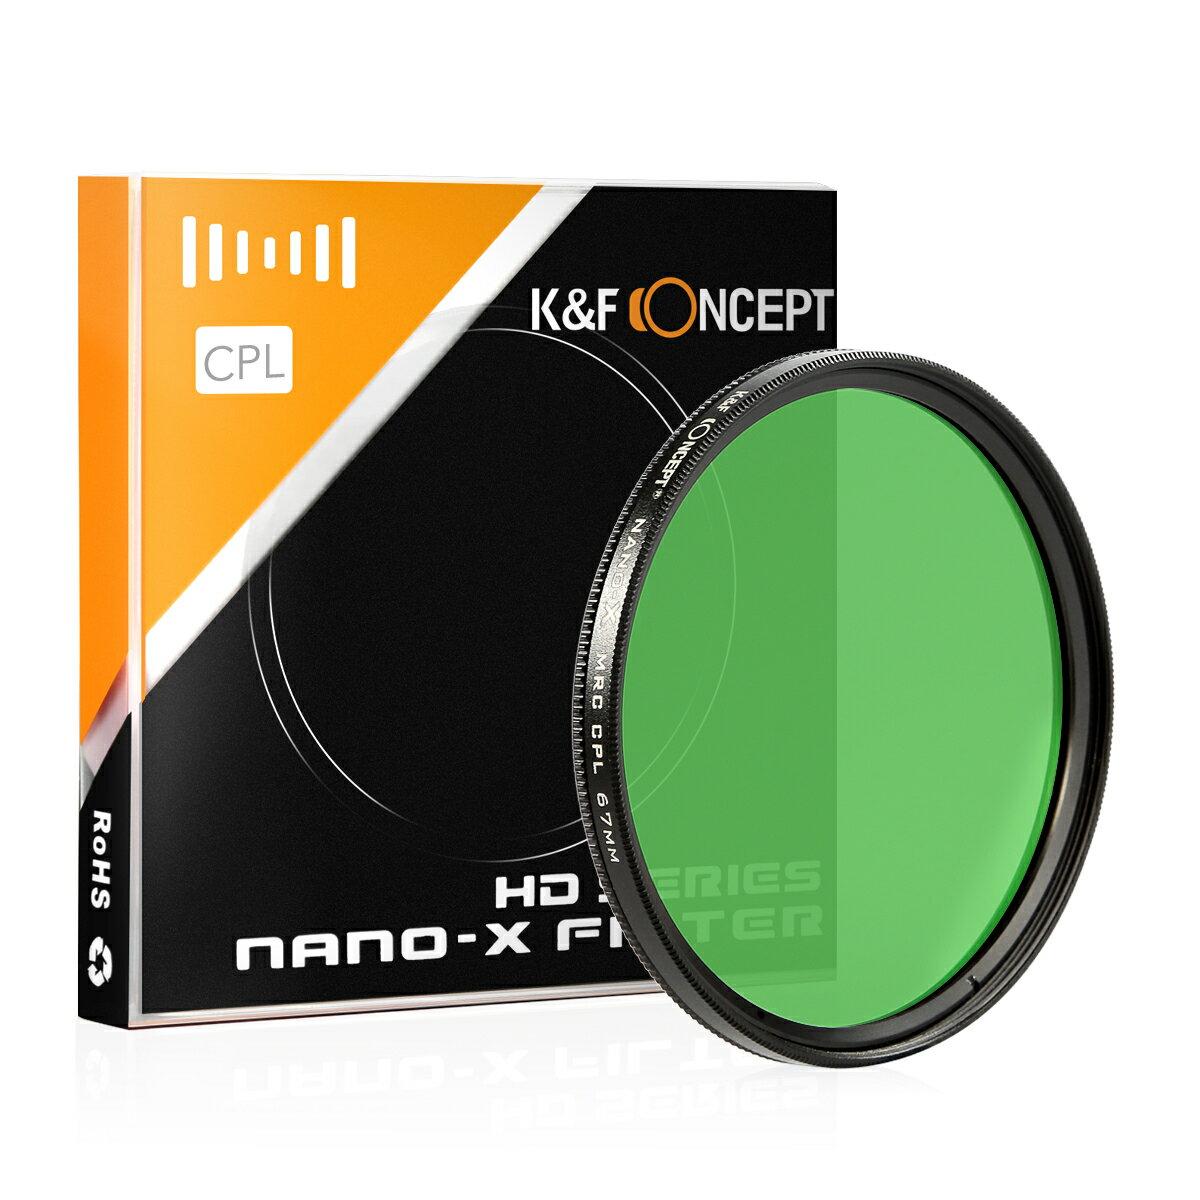 カメラ・ビデオカメラ・光学機器, その他 KF Concept NANO-X C-PL 52mm B270 MRC KF-SCPL52